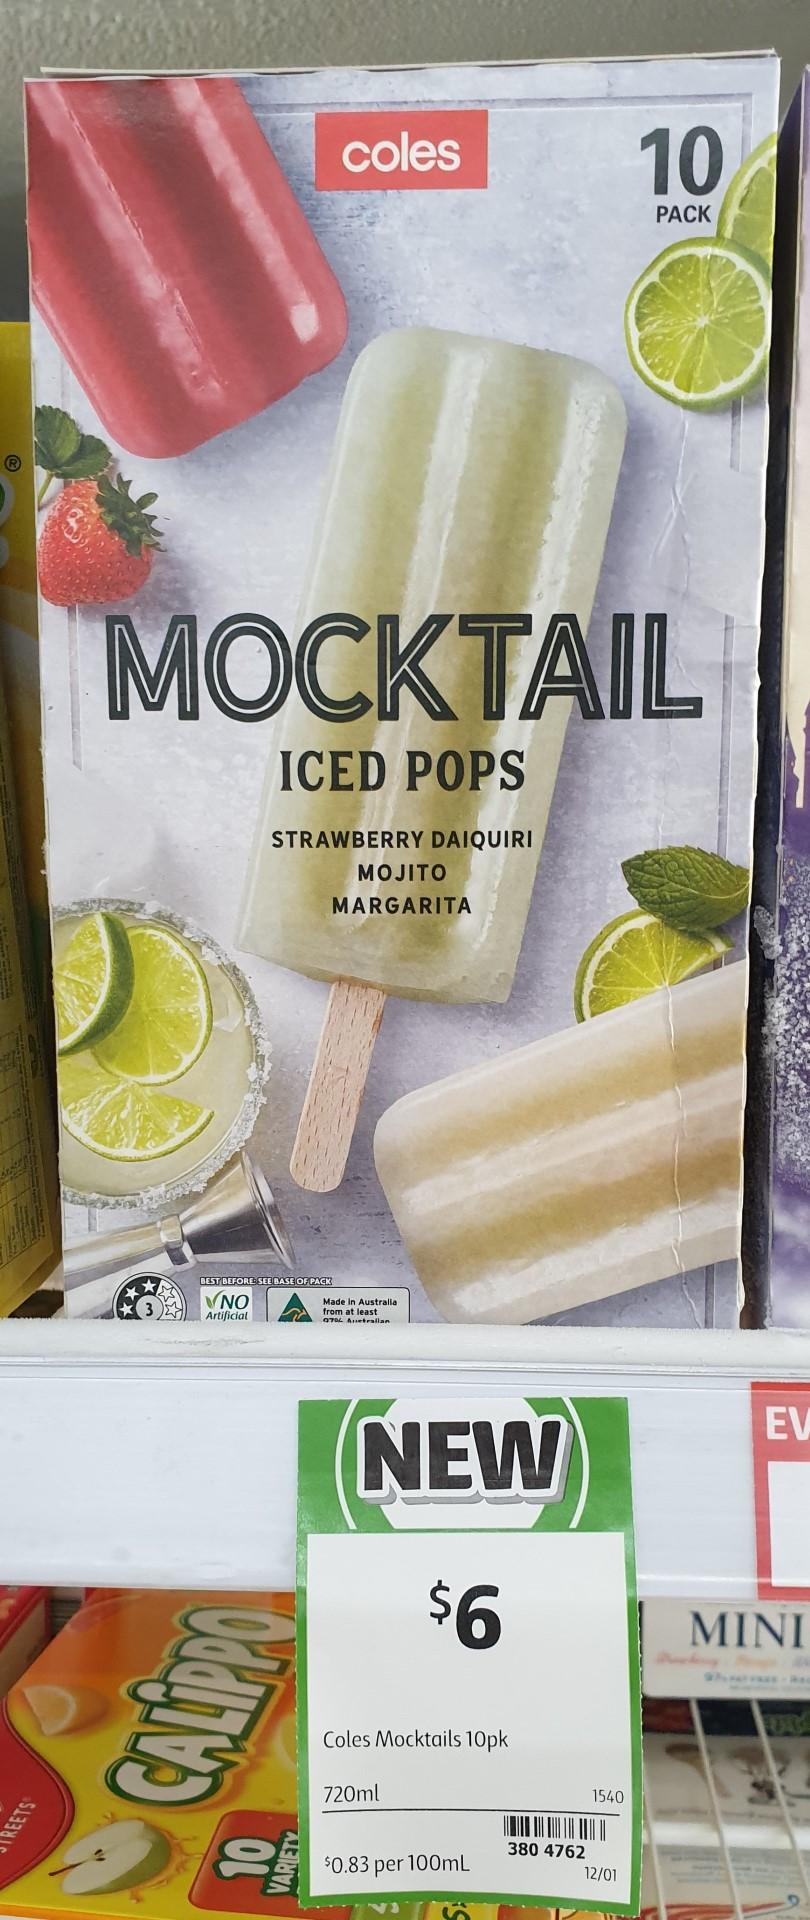 Coles 720mL Iced Pops Mocktail Strawberry Daiquiri Mojito Margarita